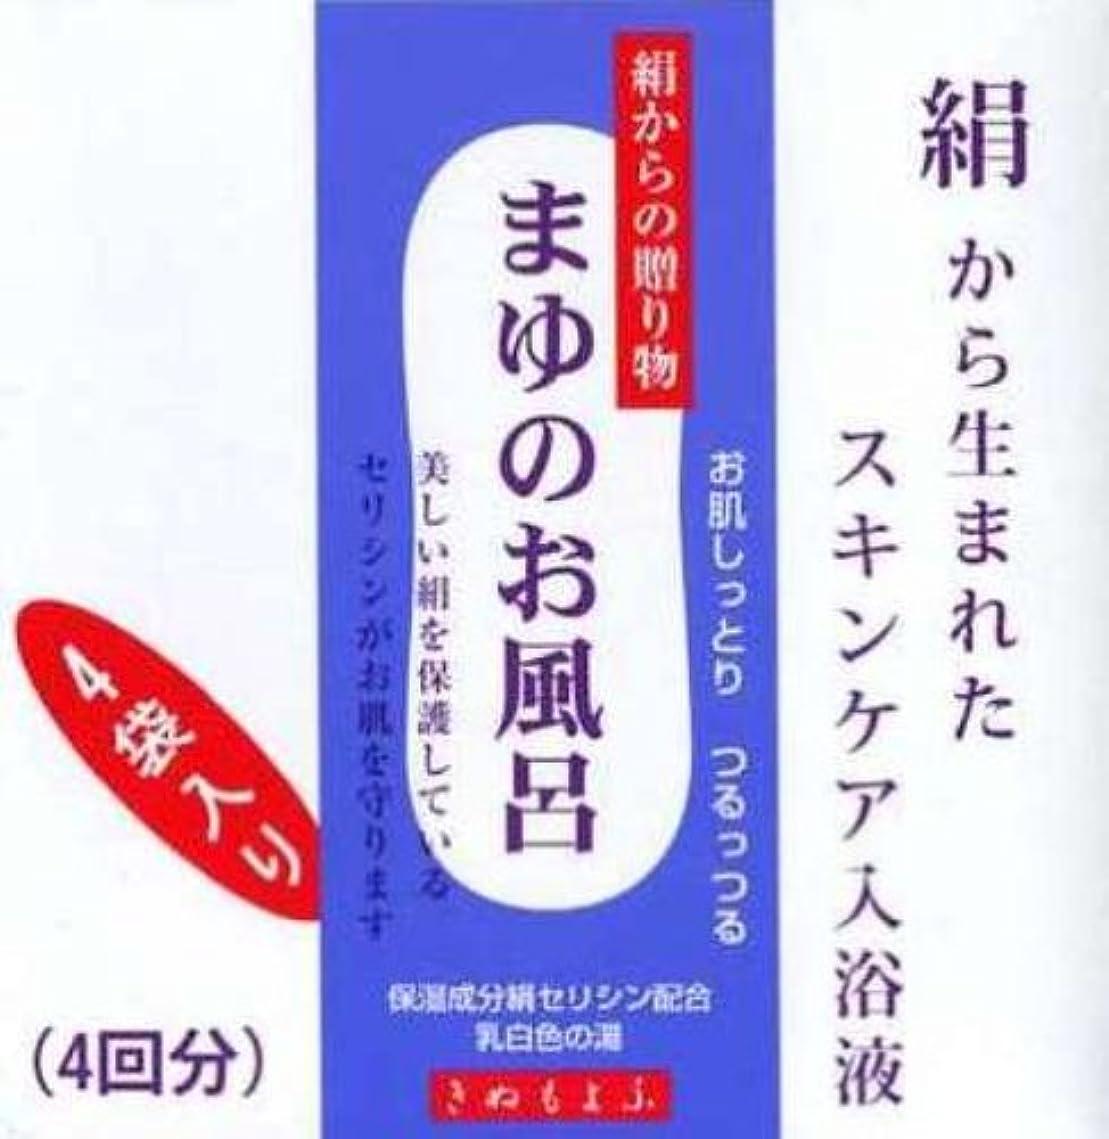 ホールドオール緑バーゲンまゆシリーズ きぬもよふ まゆのお風呂 25ml(1回分×4袋)